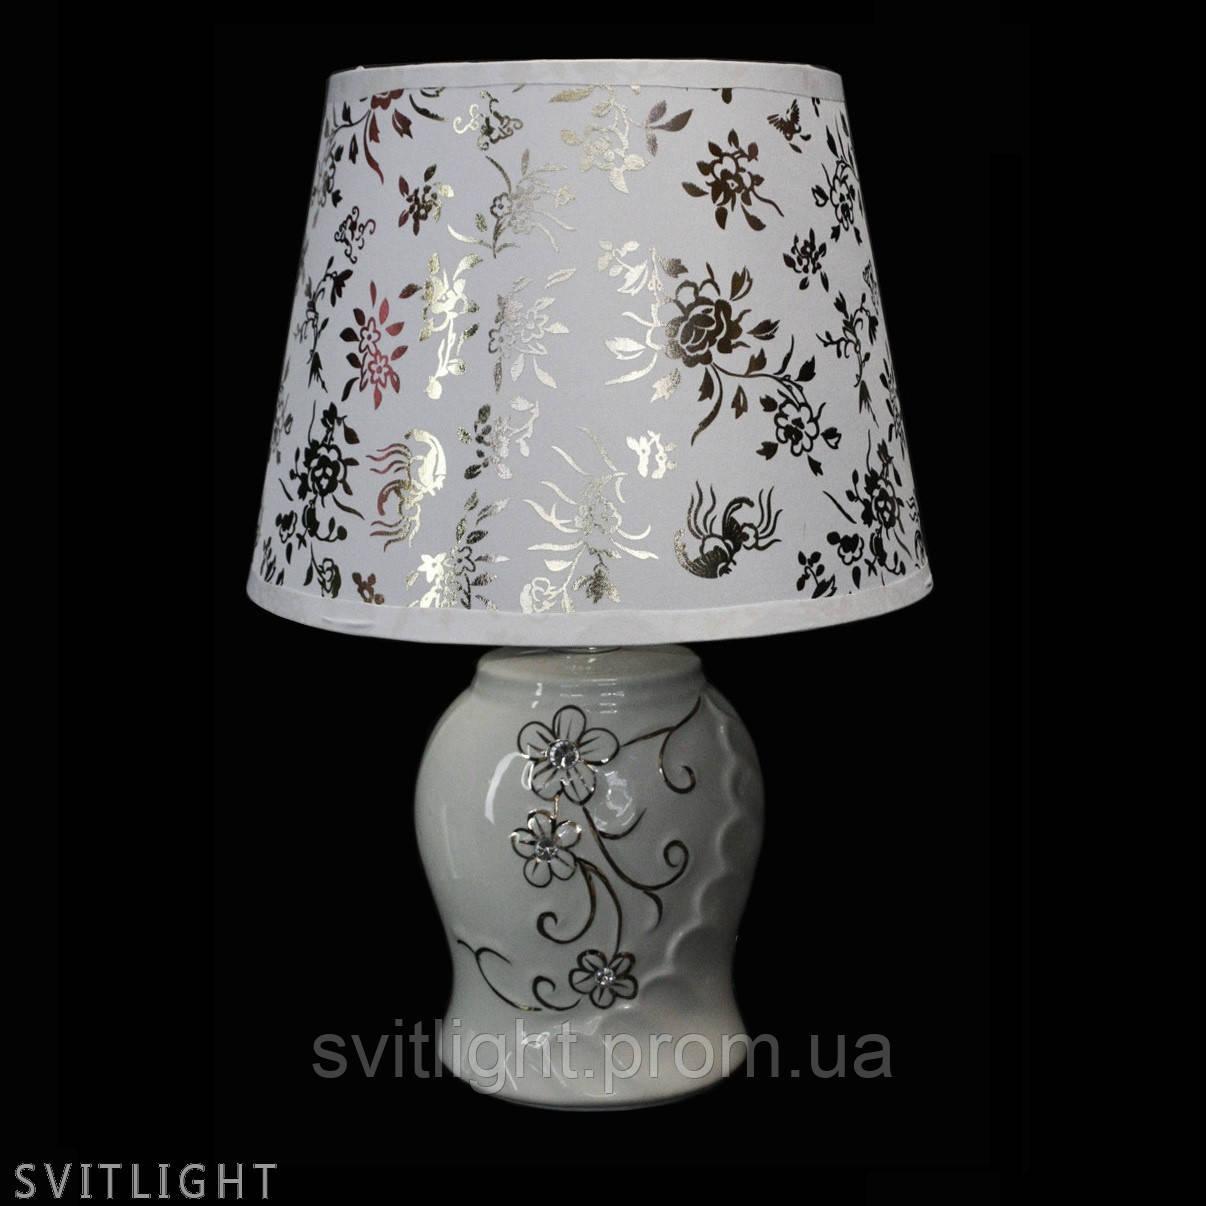 Настольная лампа ntd150509 S 495 SR Svitlight